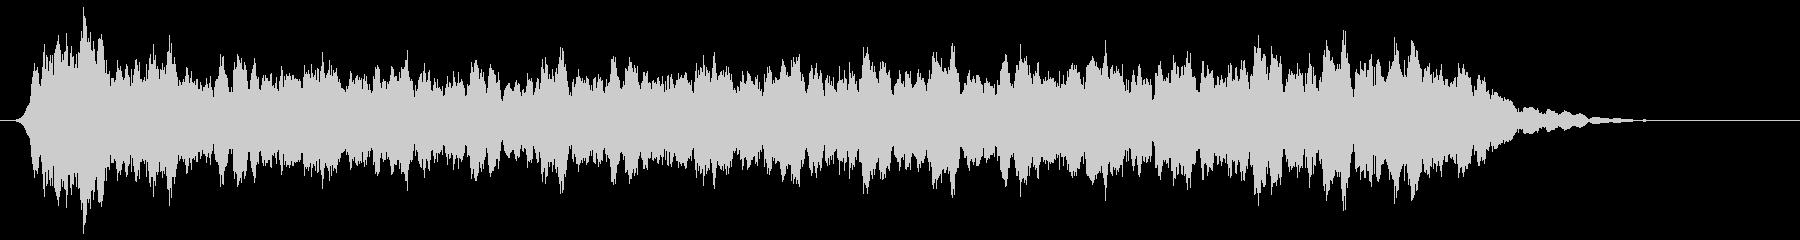 アコーディオン 不協和音(低)の未再生の波形